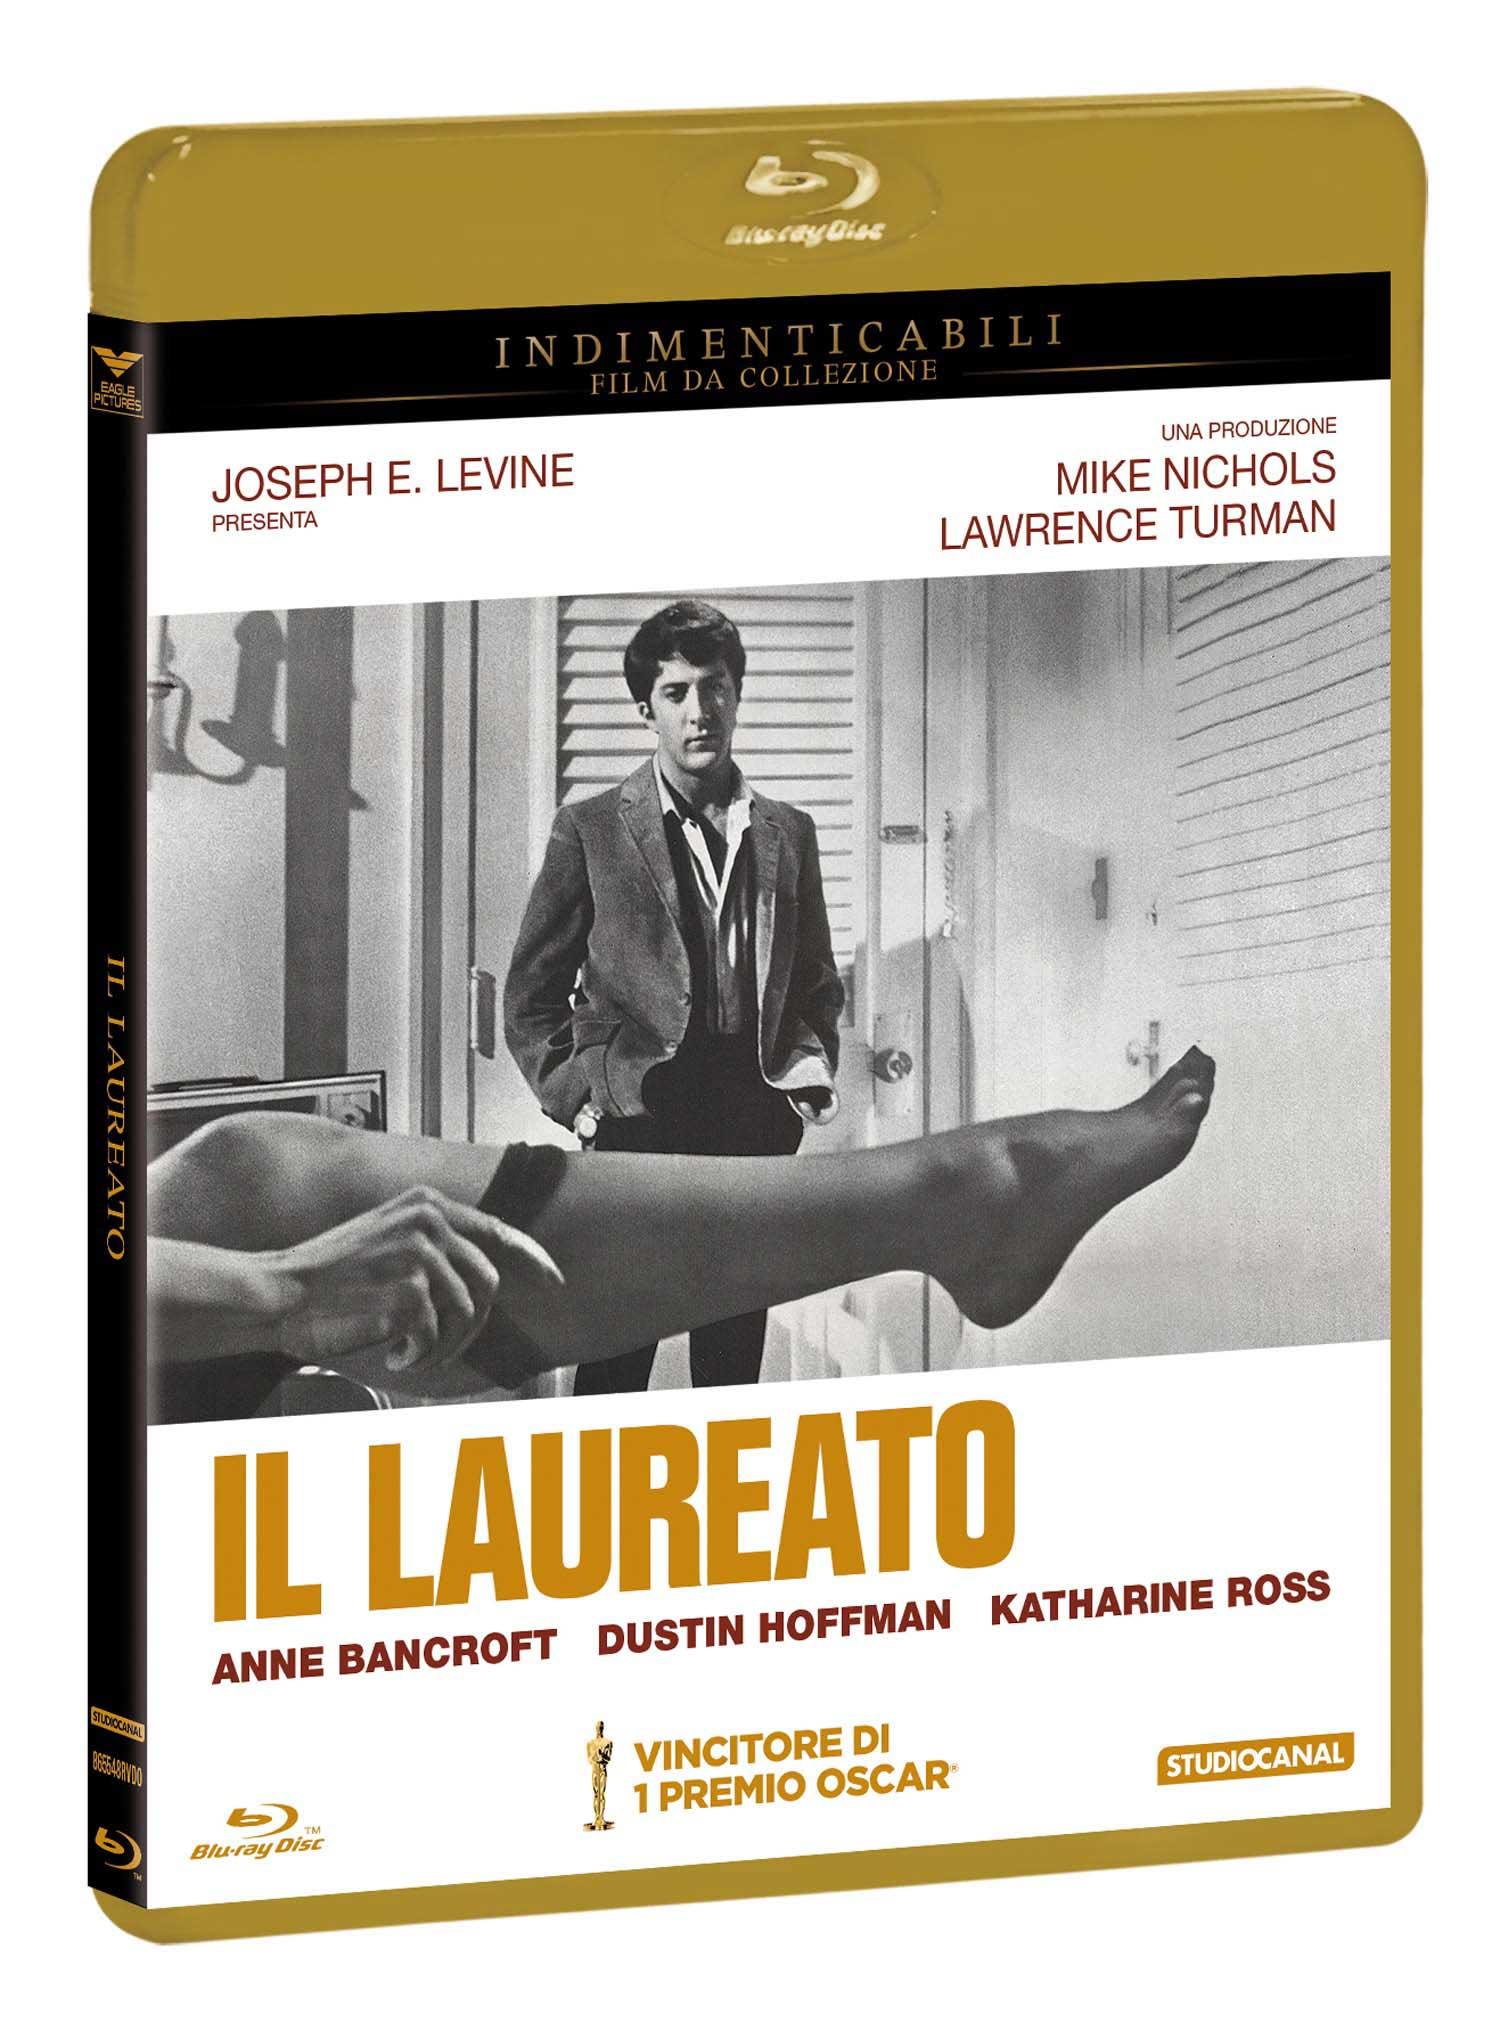 IL LAUREATO (INDIMENTICABILI) - BLU RAY